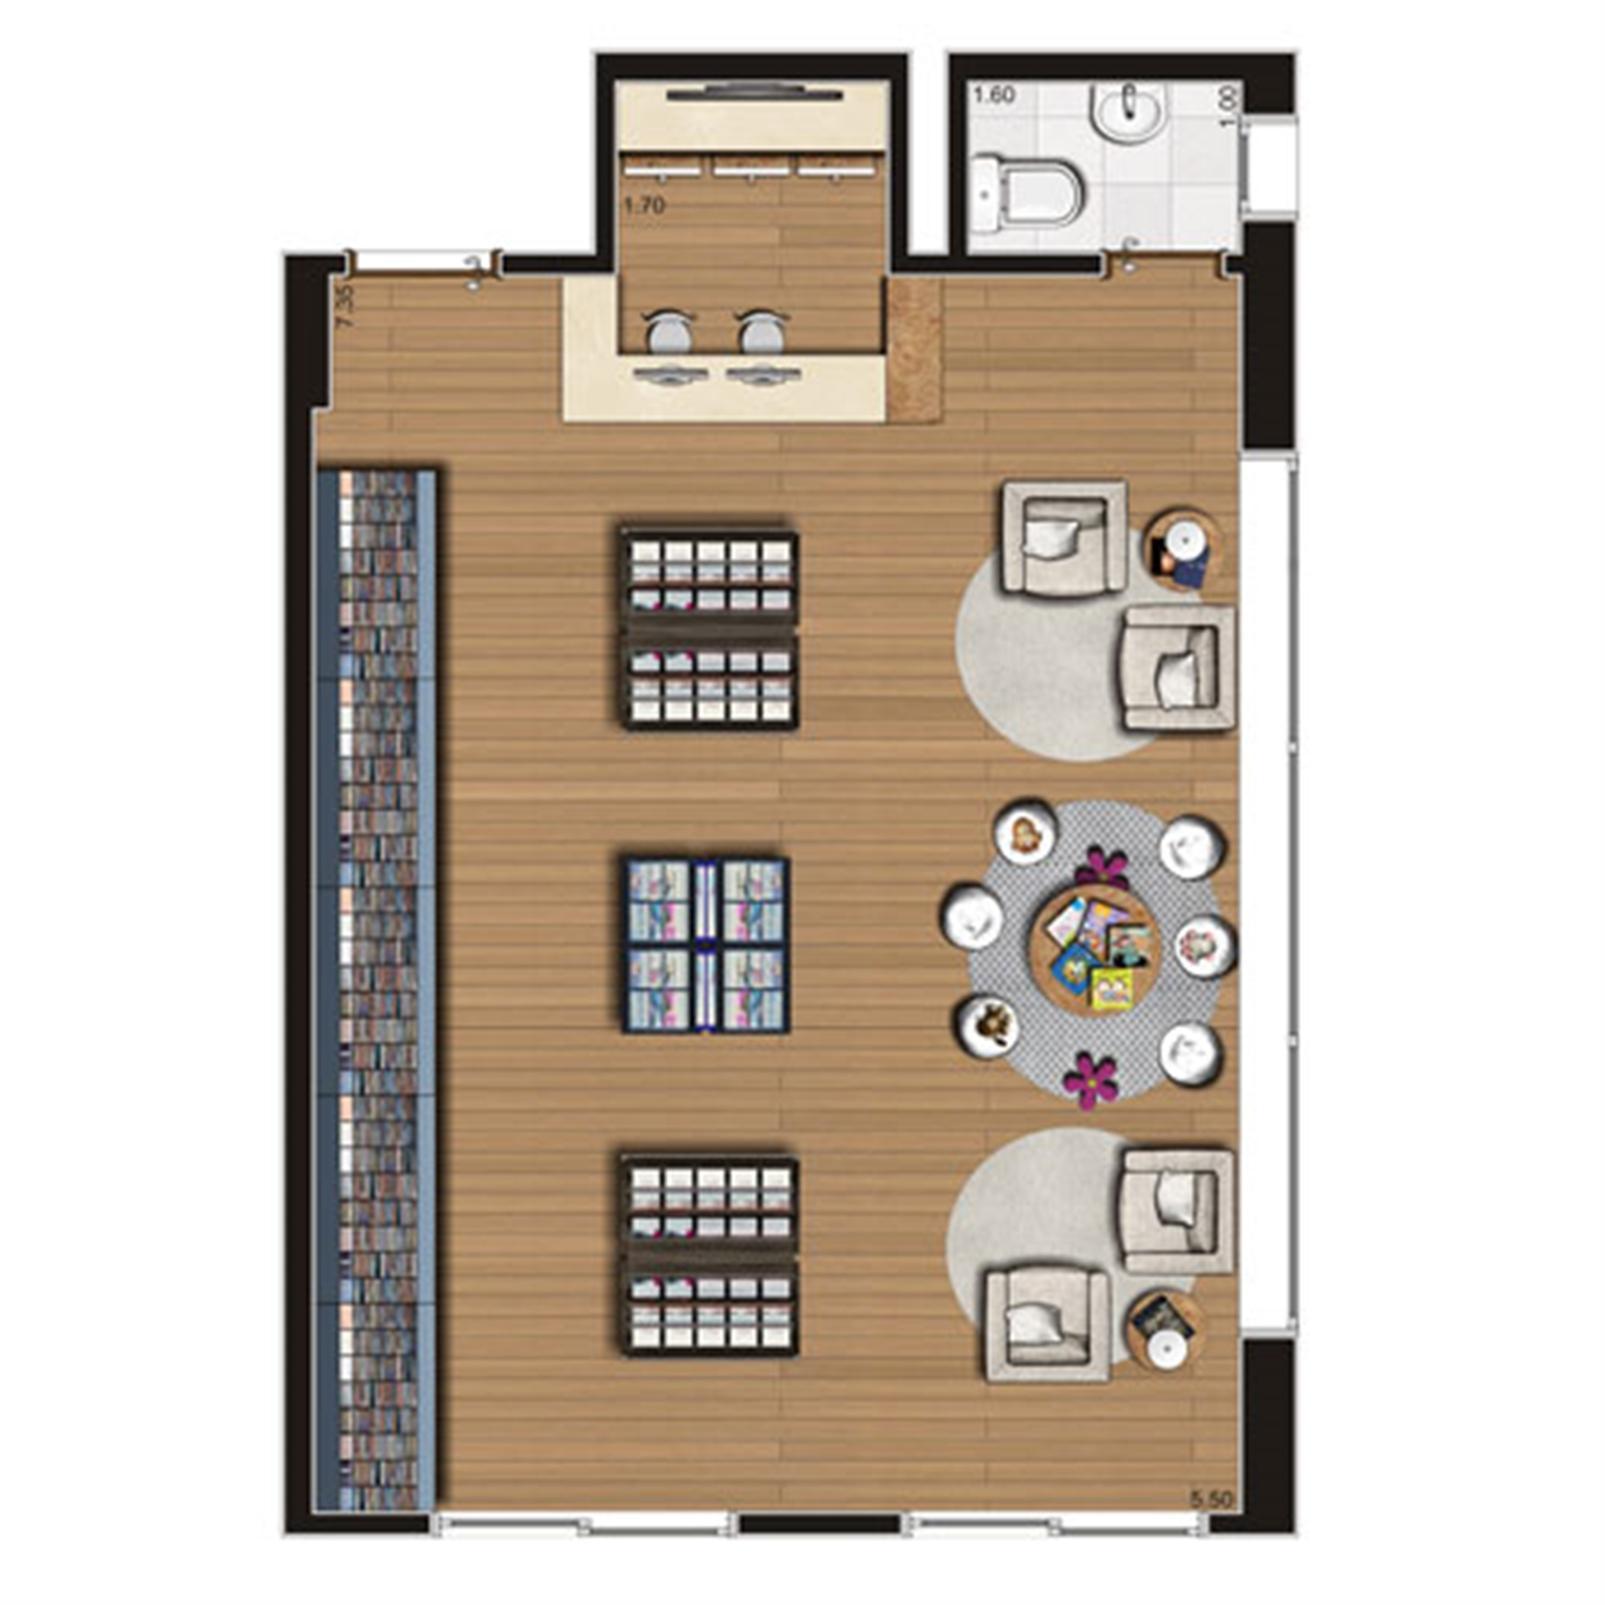 Loja de 49 m² Finais 1 e 9   Luzes da Mooca - Atrio Giorno – Salas Comerciaisna  Mooca - São Paulo - São Paulo